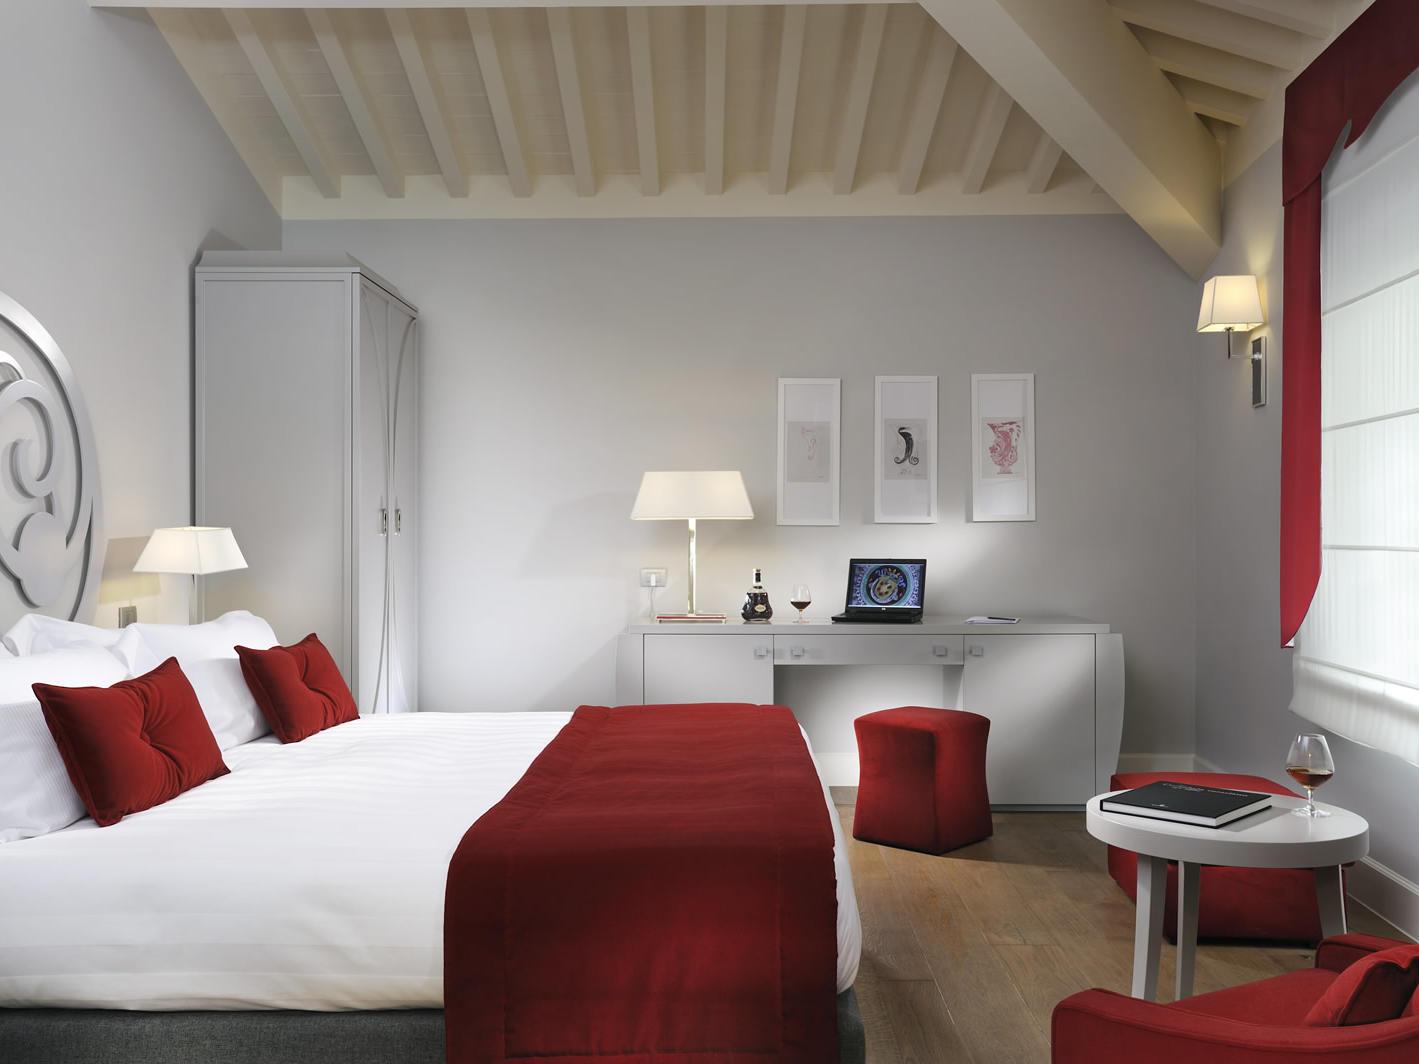 Suite Chini Paivilion | Villa Le Maschere